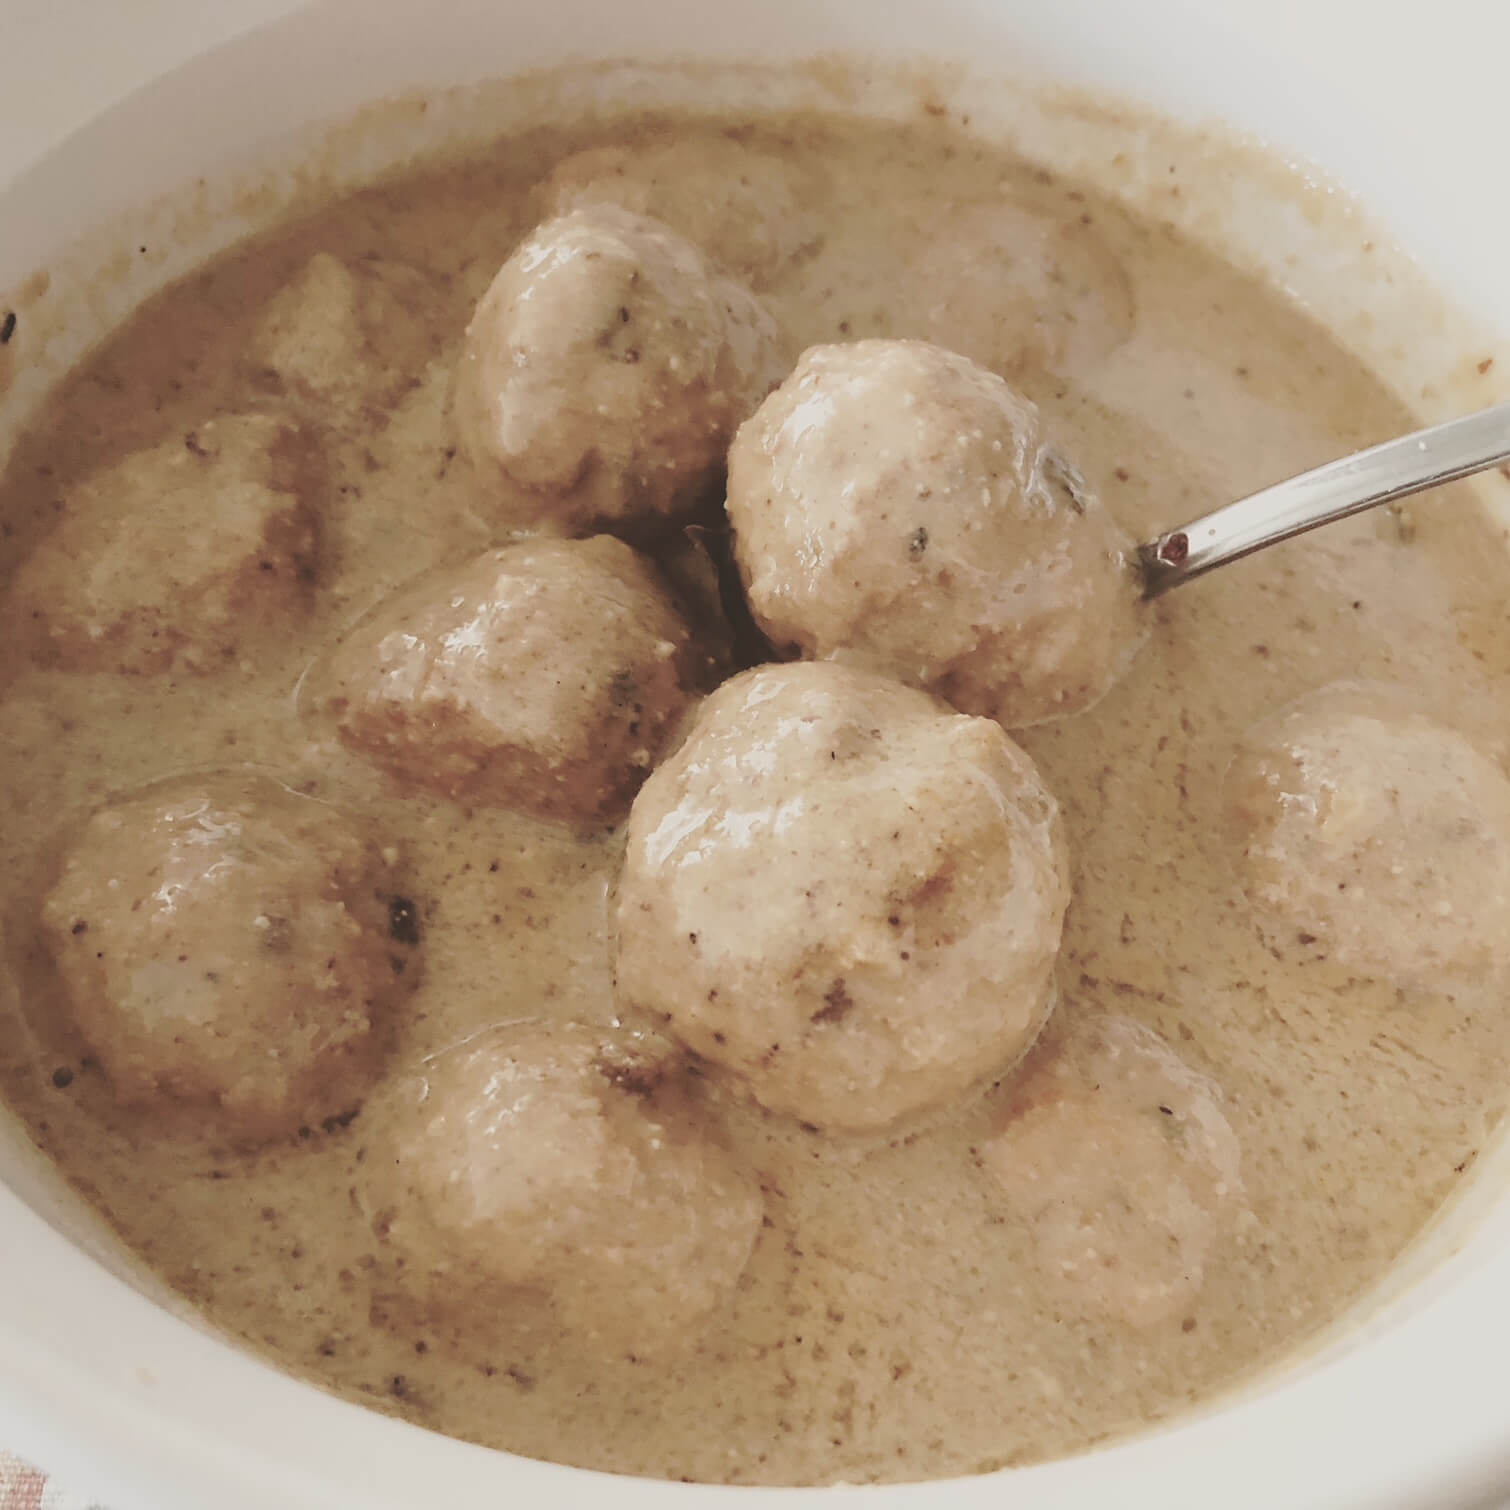 badami (almond) chicken kofta curry